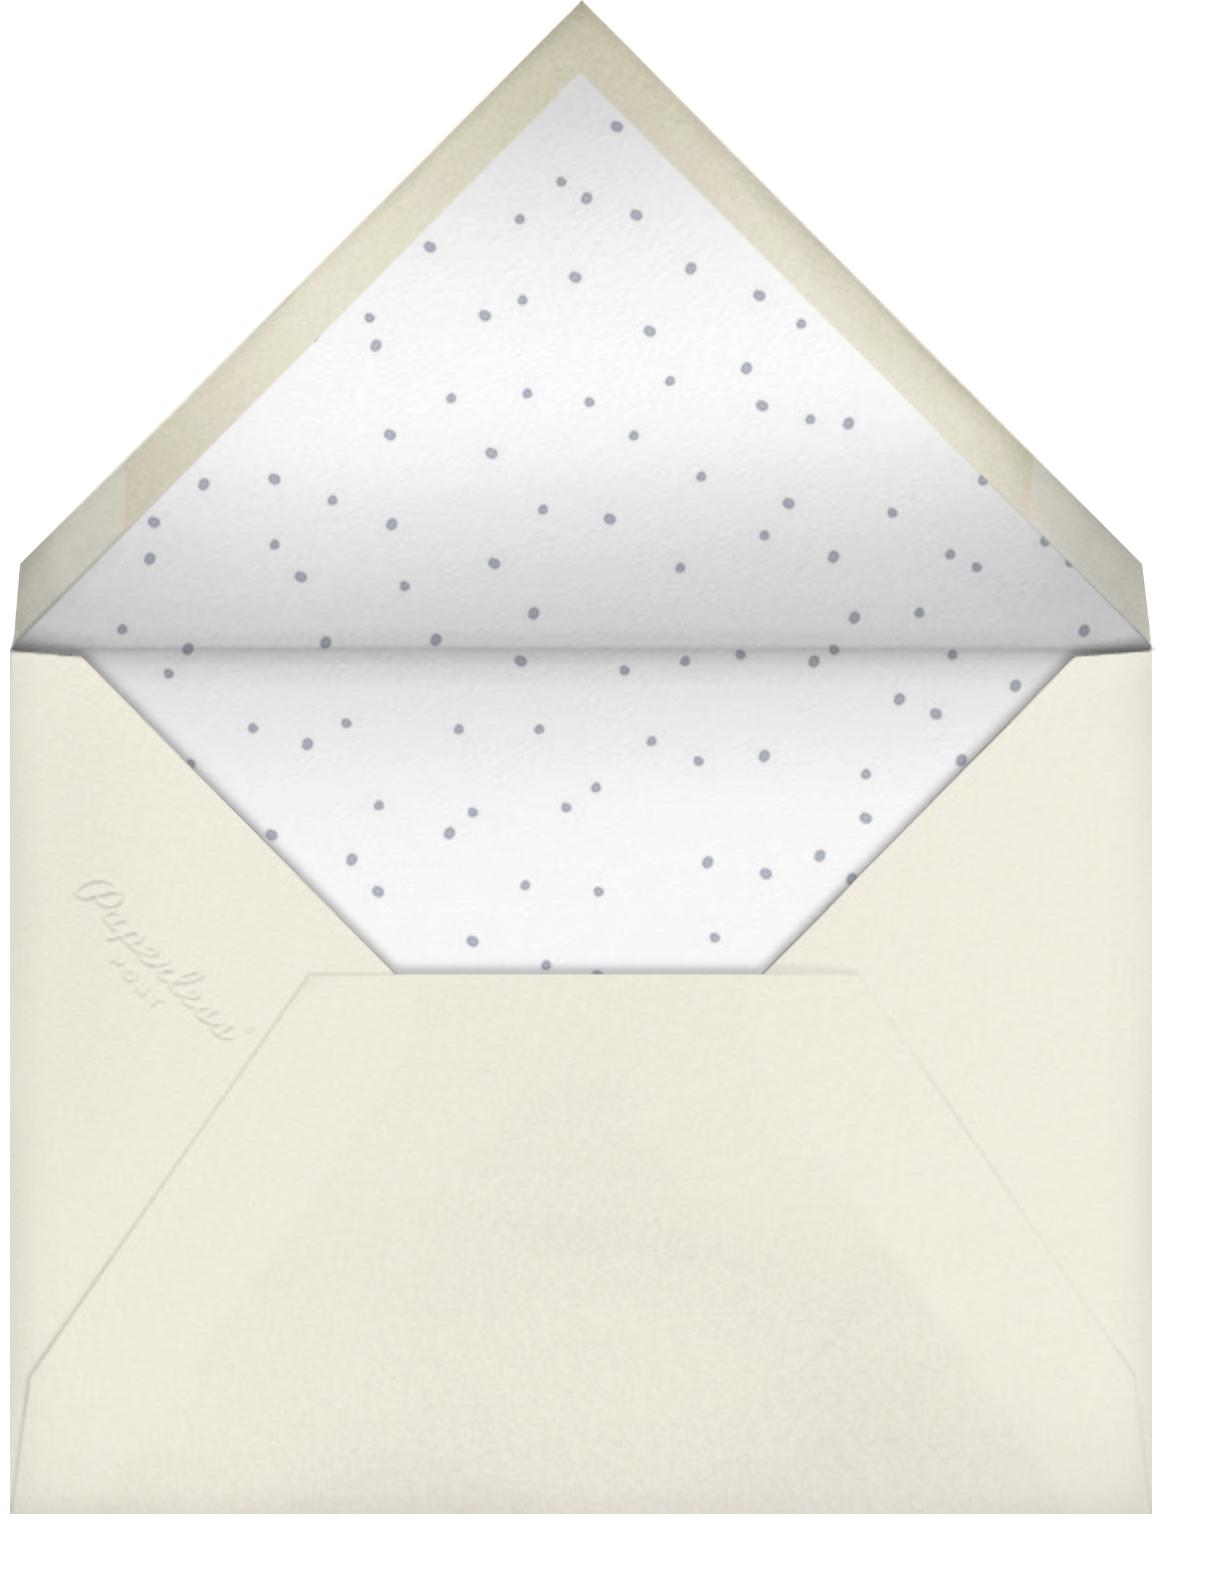 Ellie's Splash - Little Cube - Baby shower - envelope back